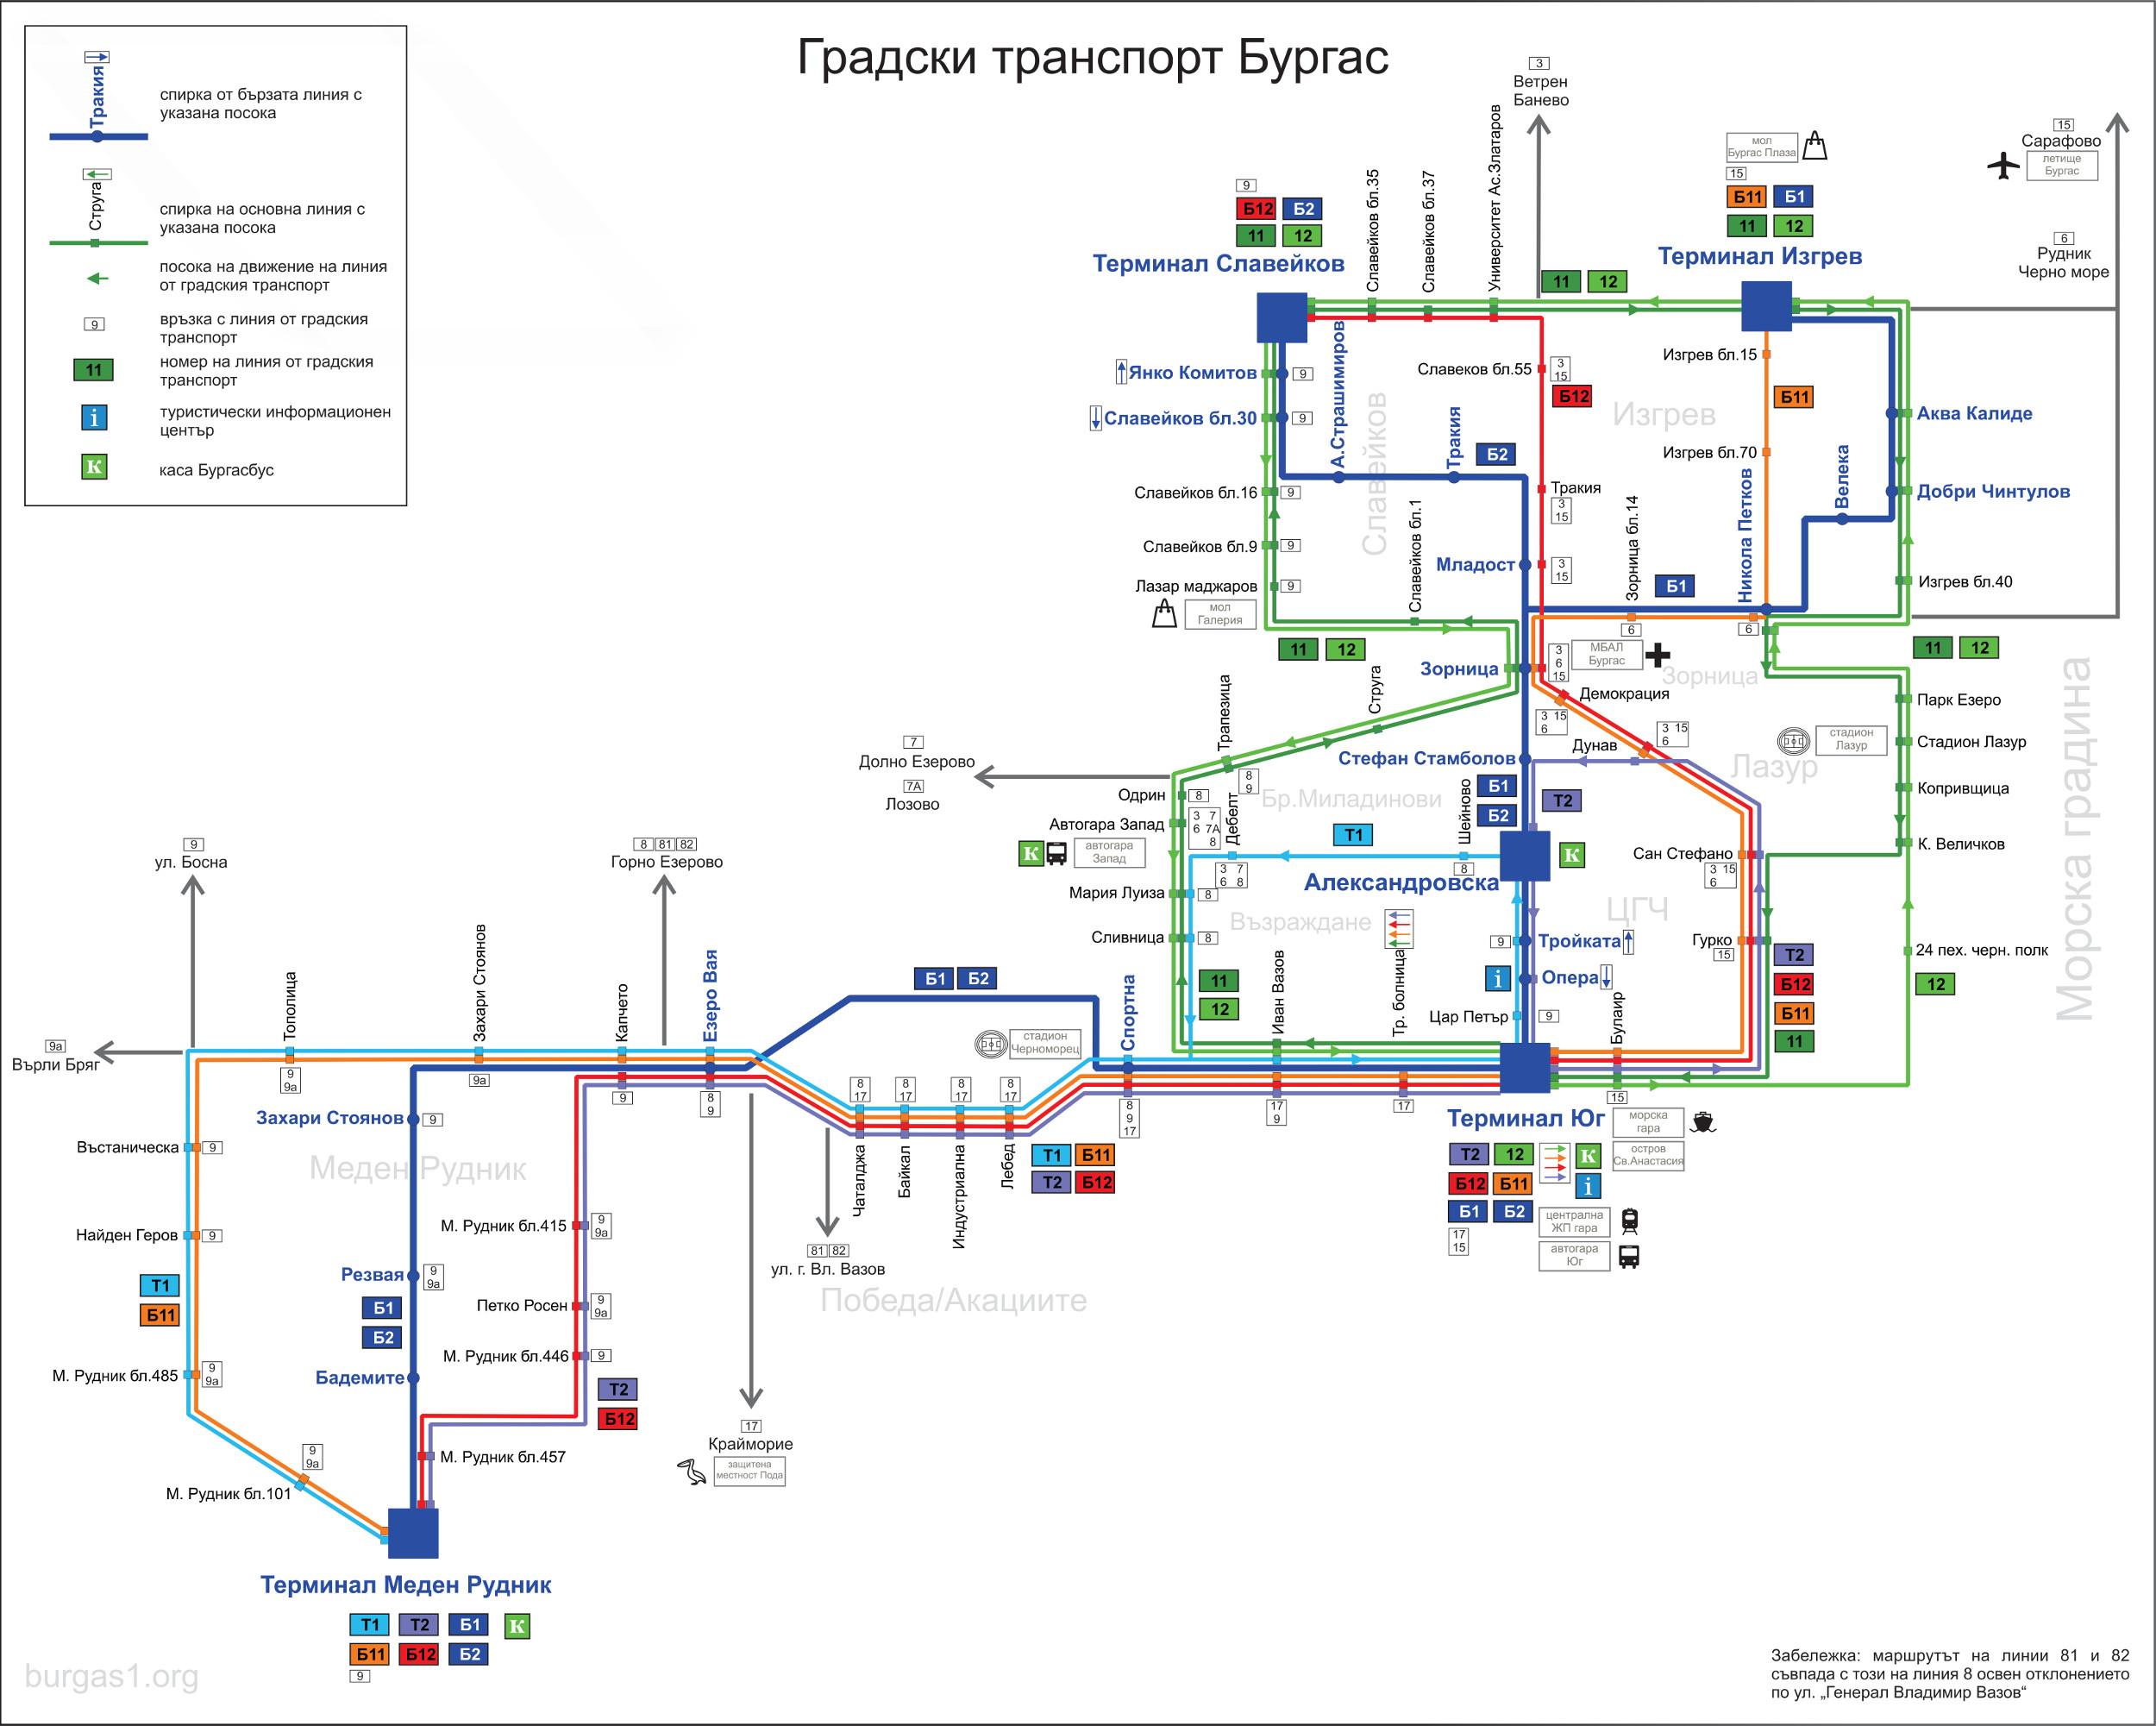 градски транспорт Бургас